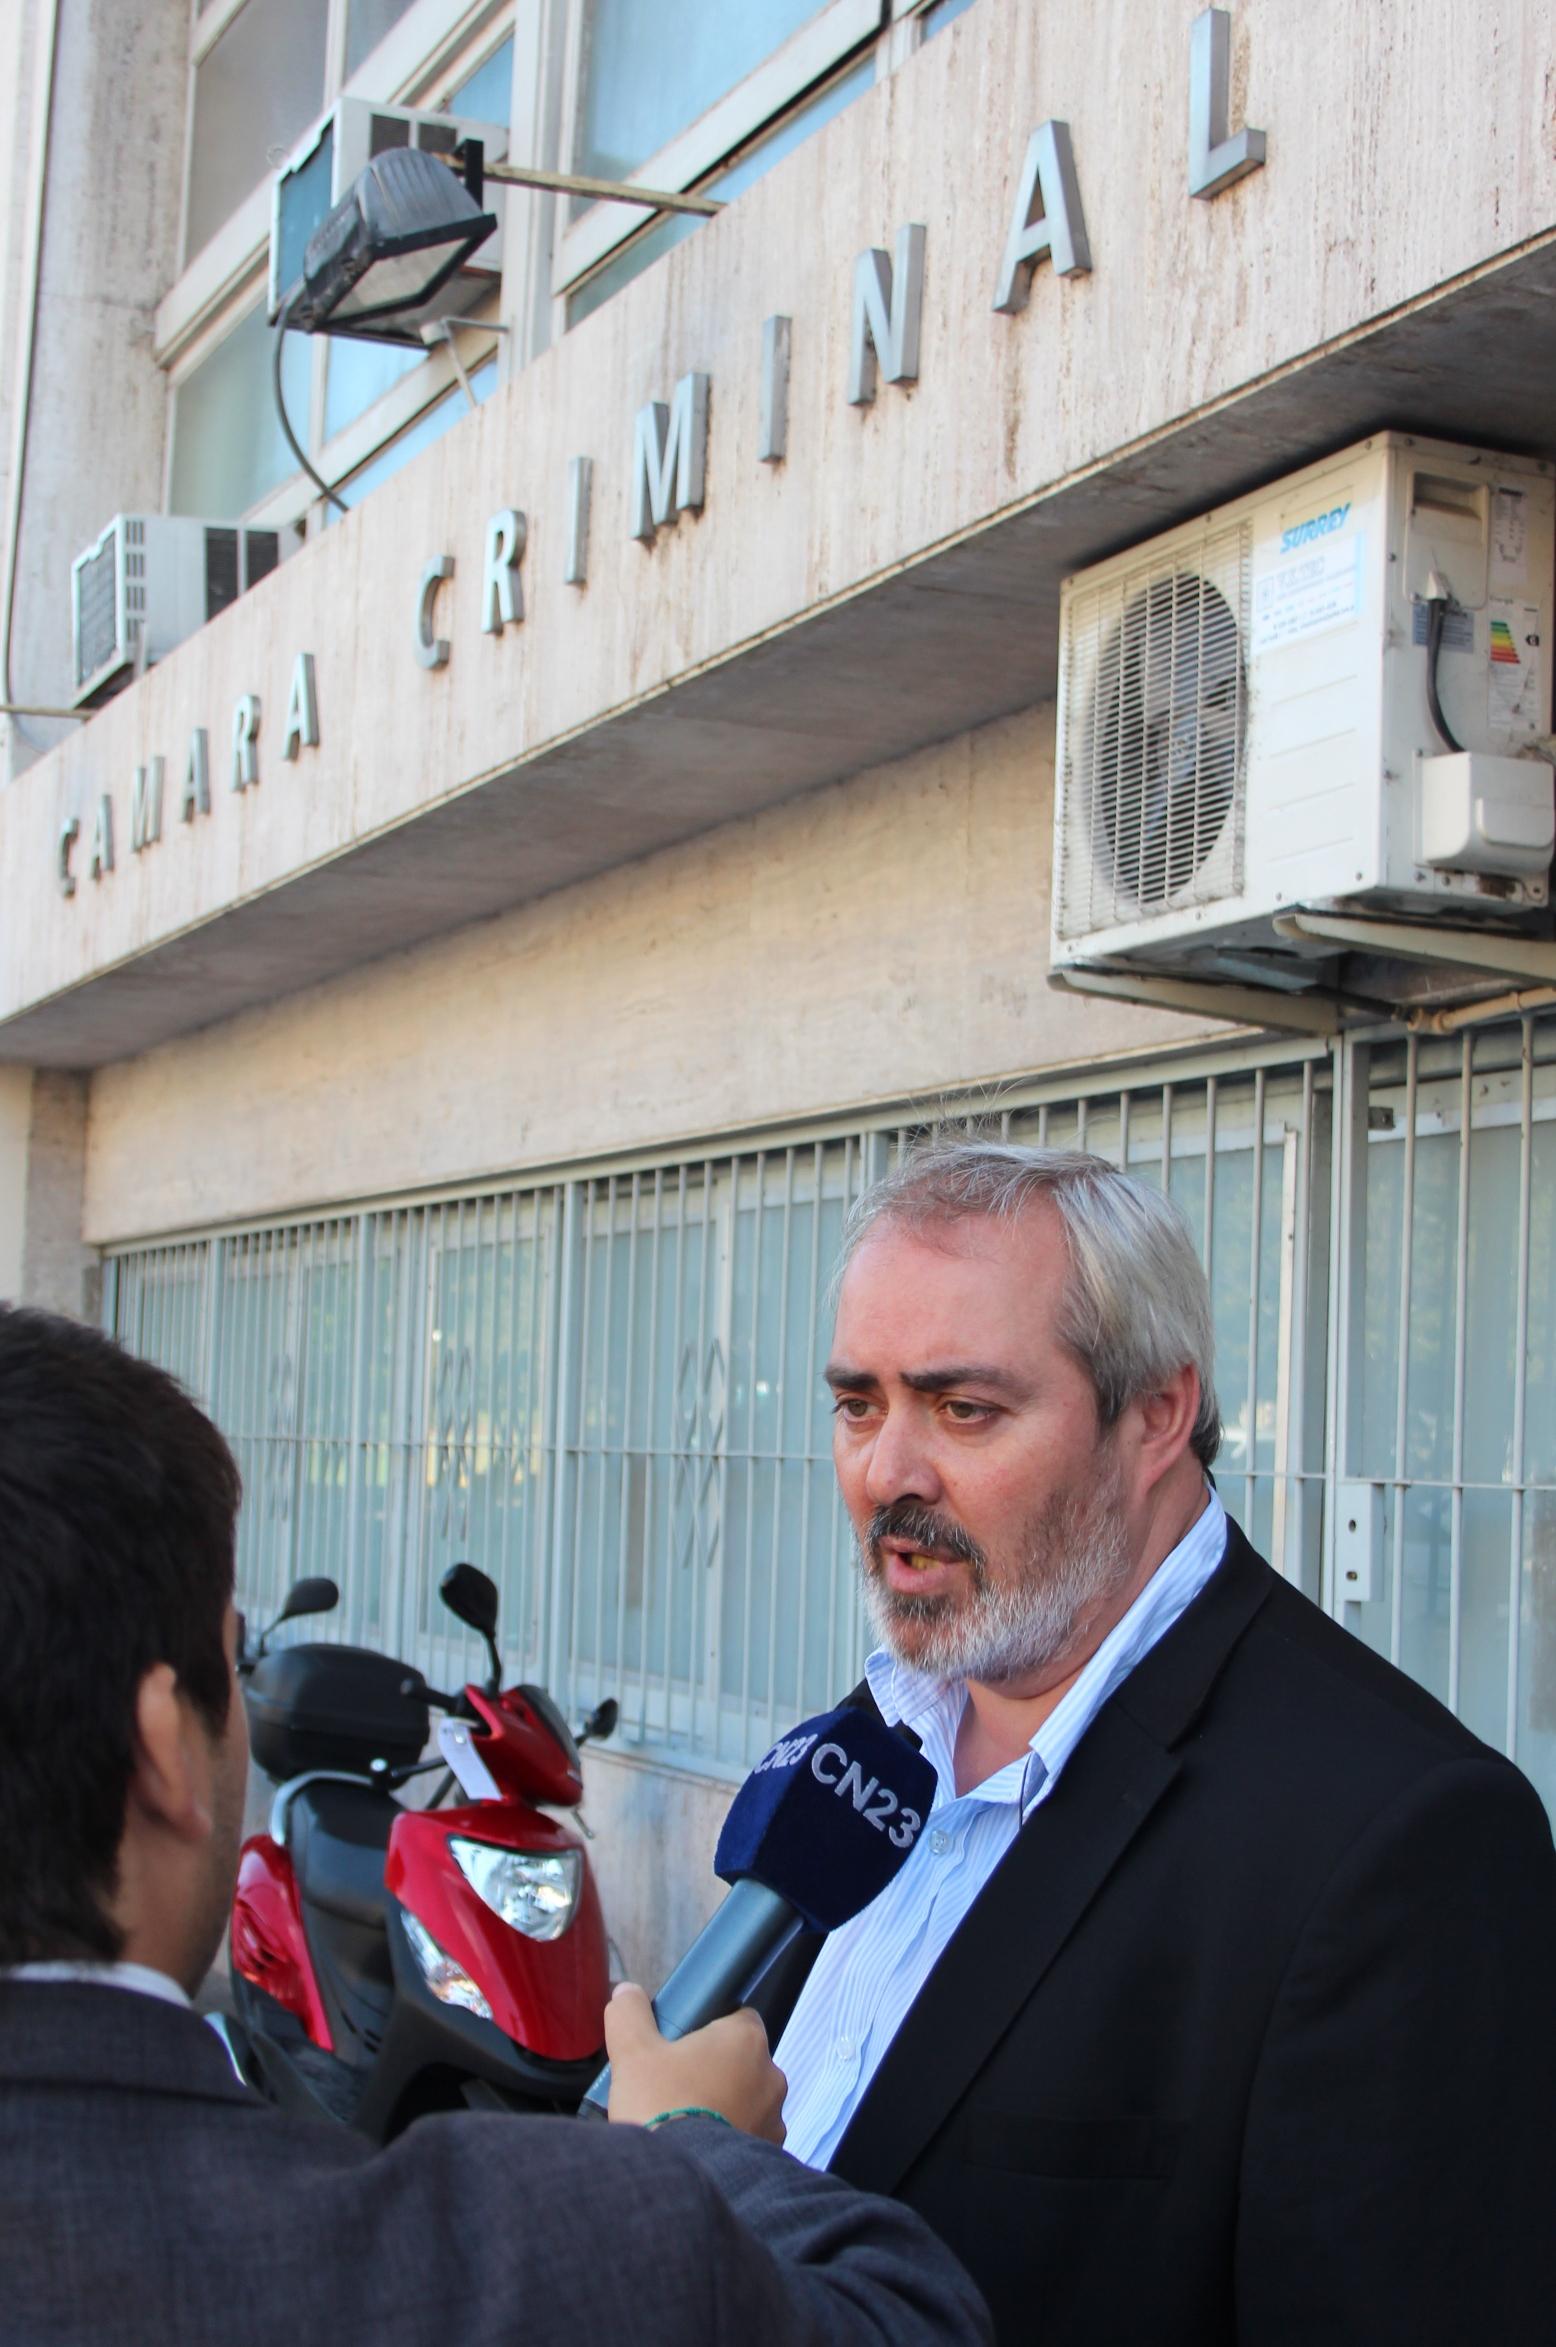 y correccional viamonte 1147 el diputado alejandro bodart mst presenta la denuncia penal contra mauricio macri el ministro de justicia y seguridad